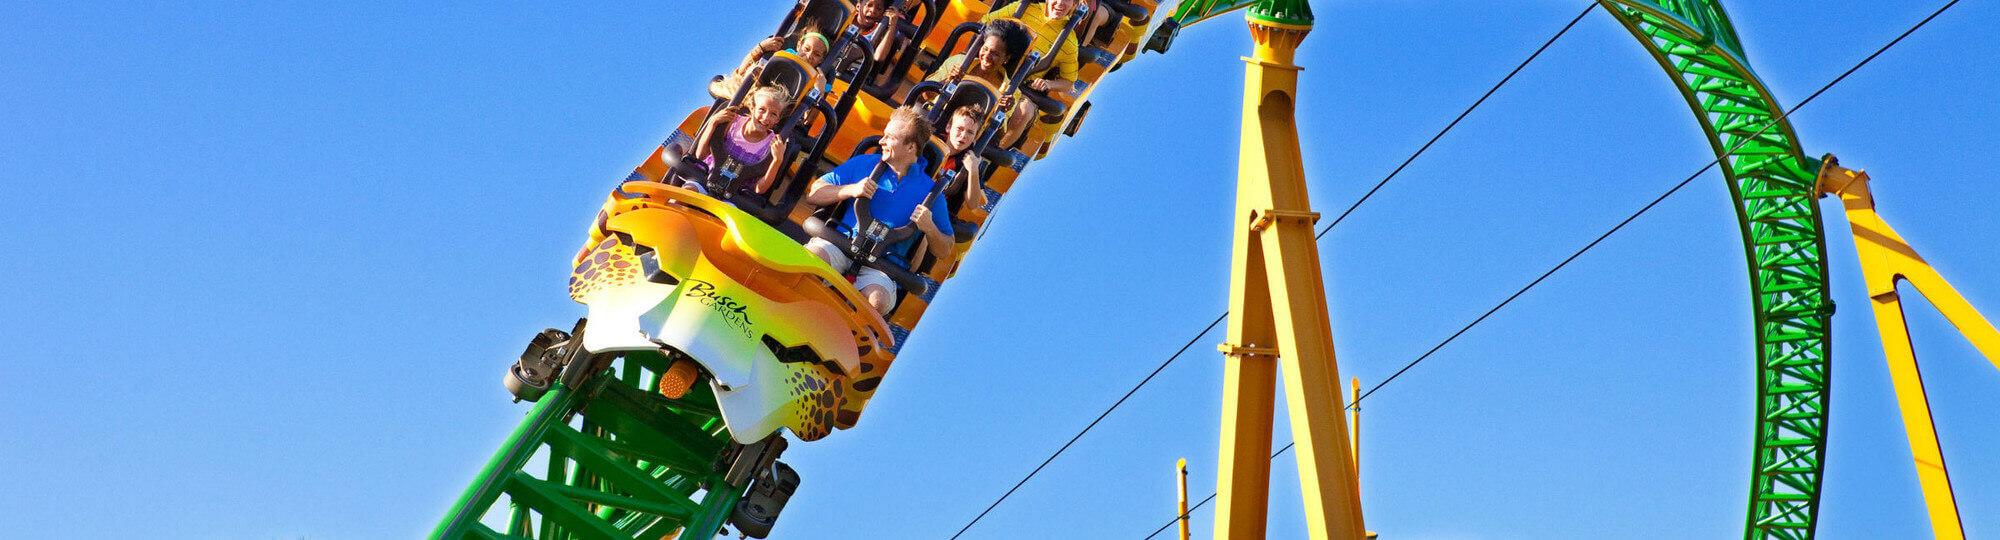 Tickets2you Com Orlando Discount Theme Park Tickets